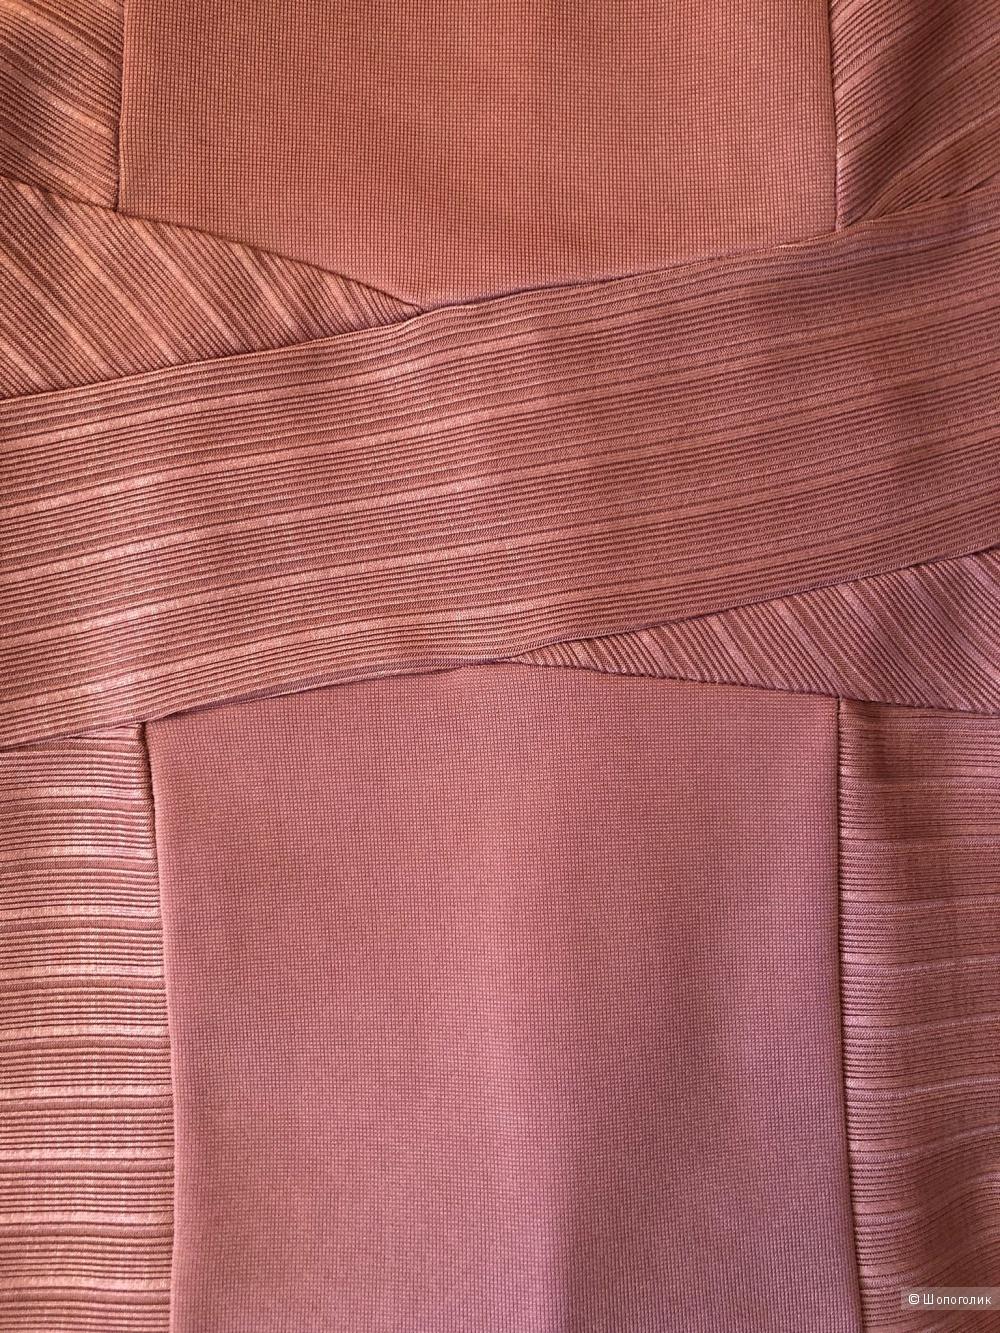 Облегающее бандажное платье Asos, размер eur. 42/44.